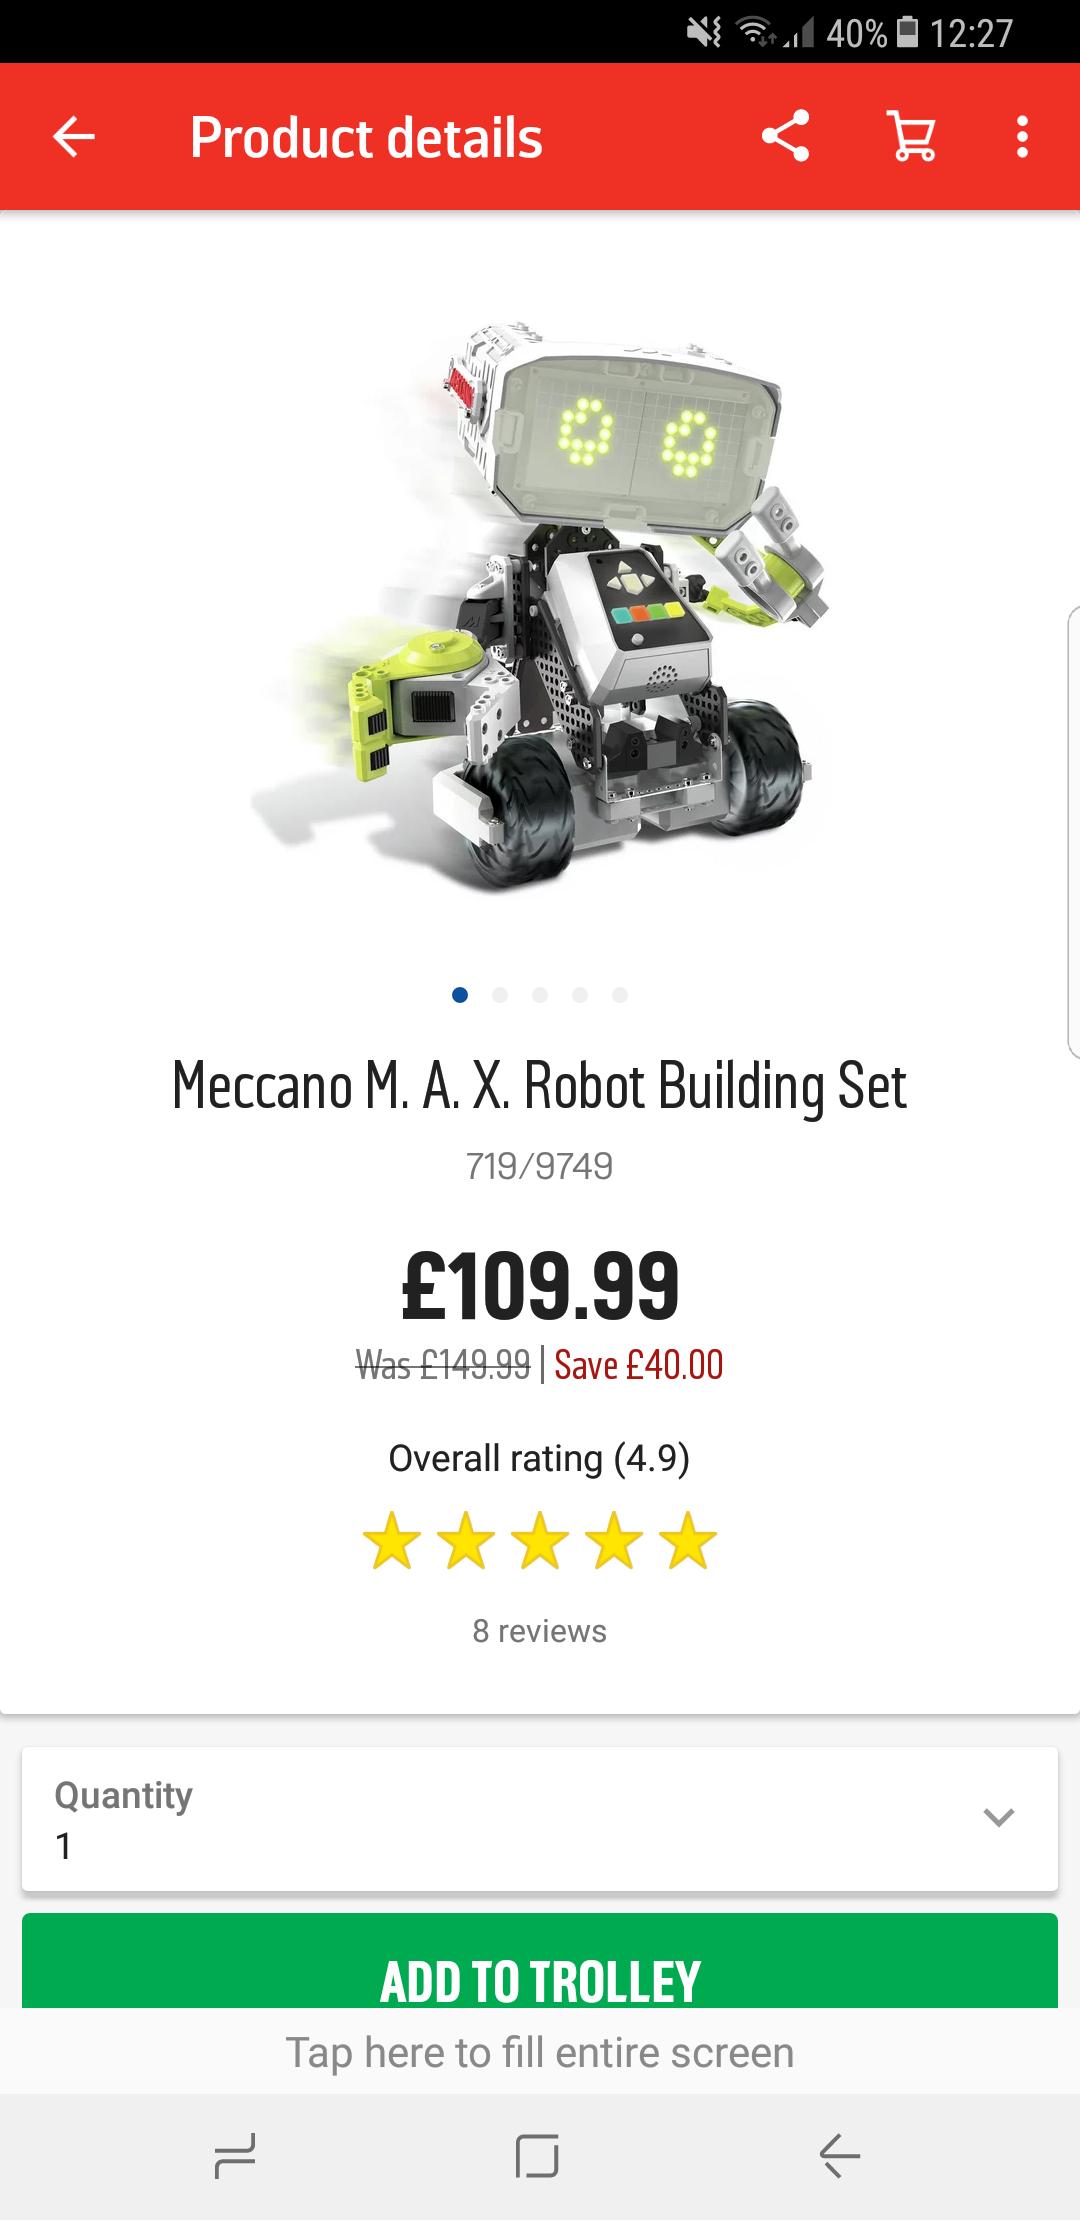 meccano m.a.x robot - £109.99 @ Argos